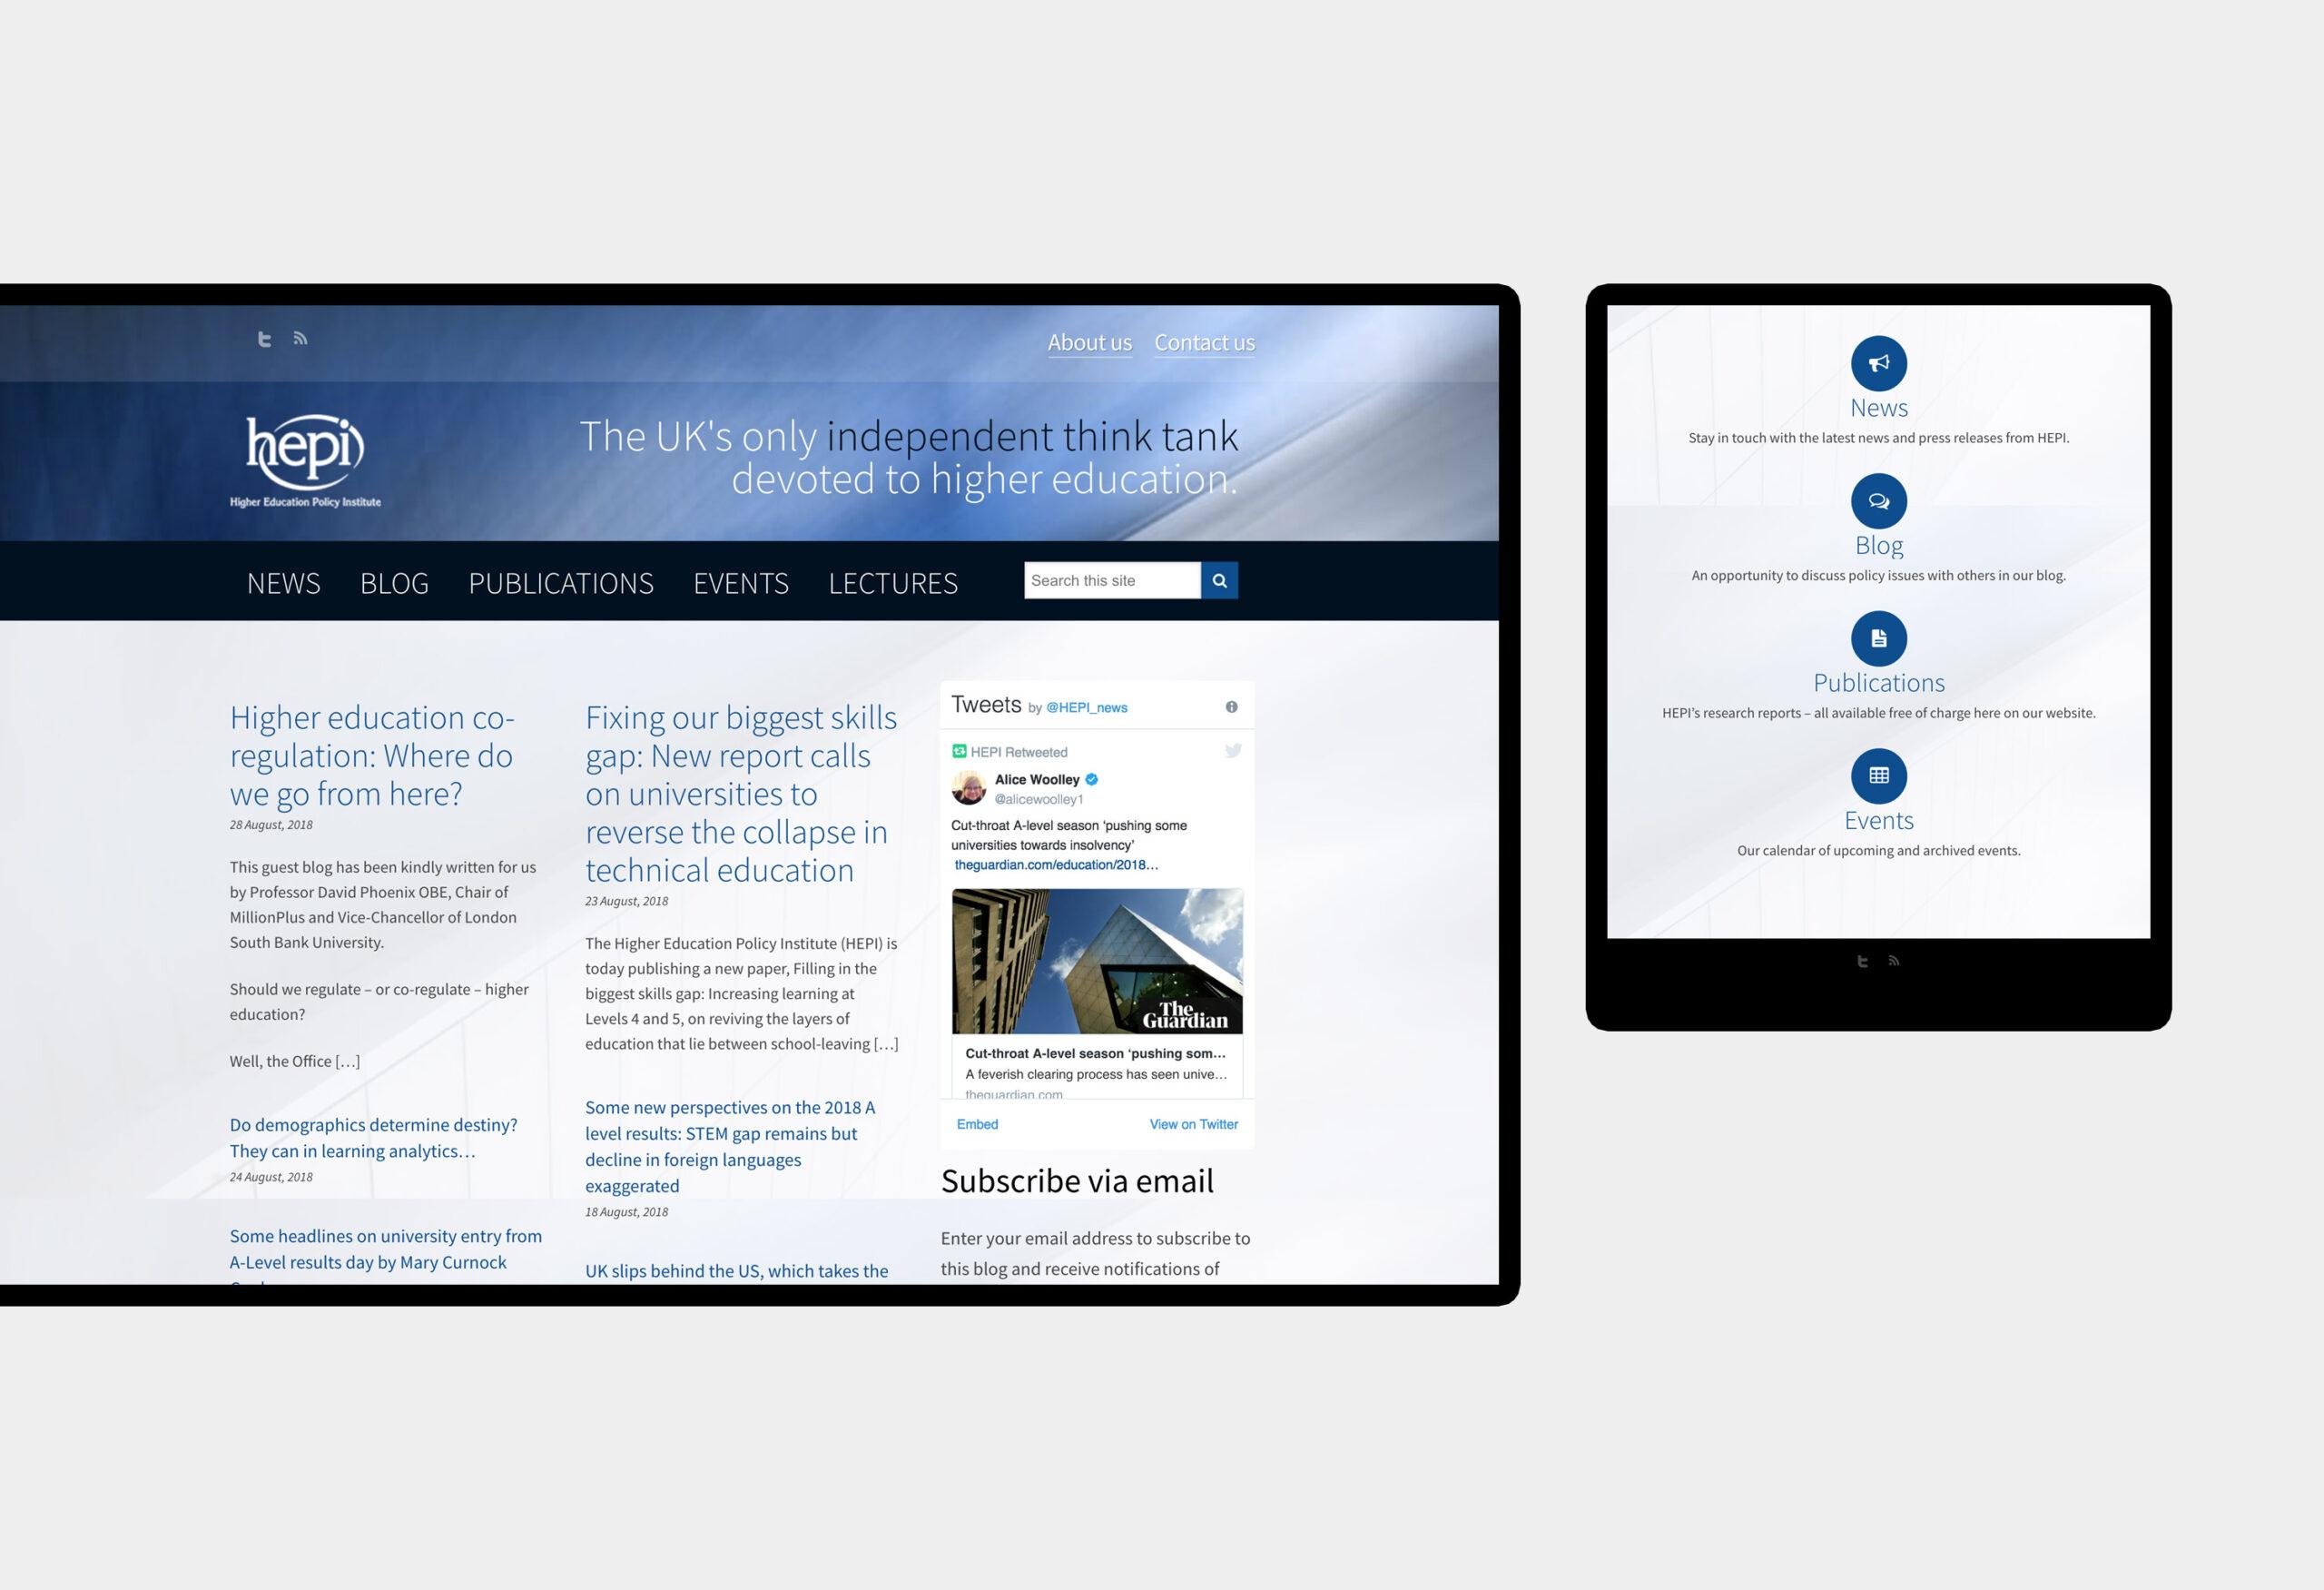 HEPI - website design